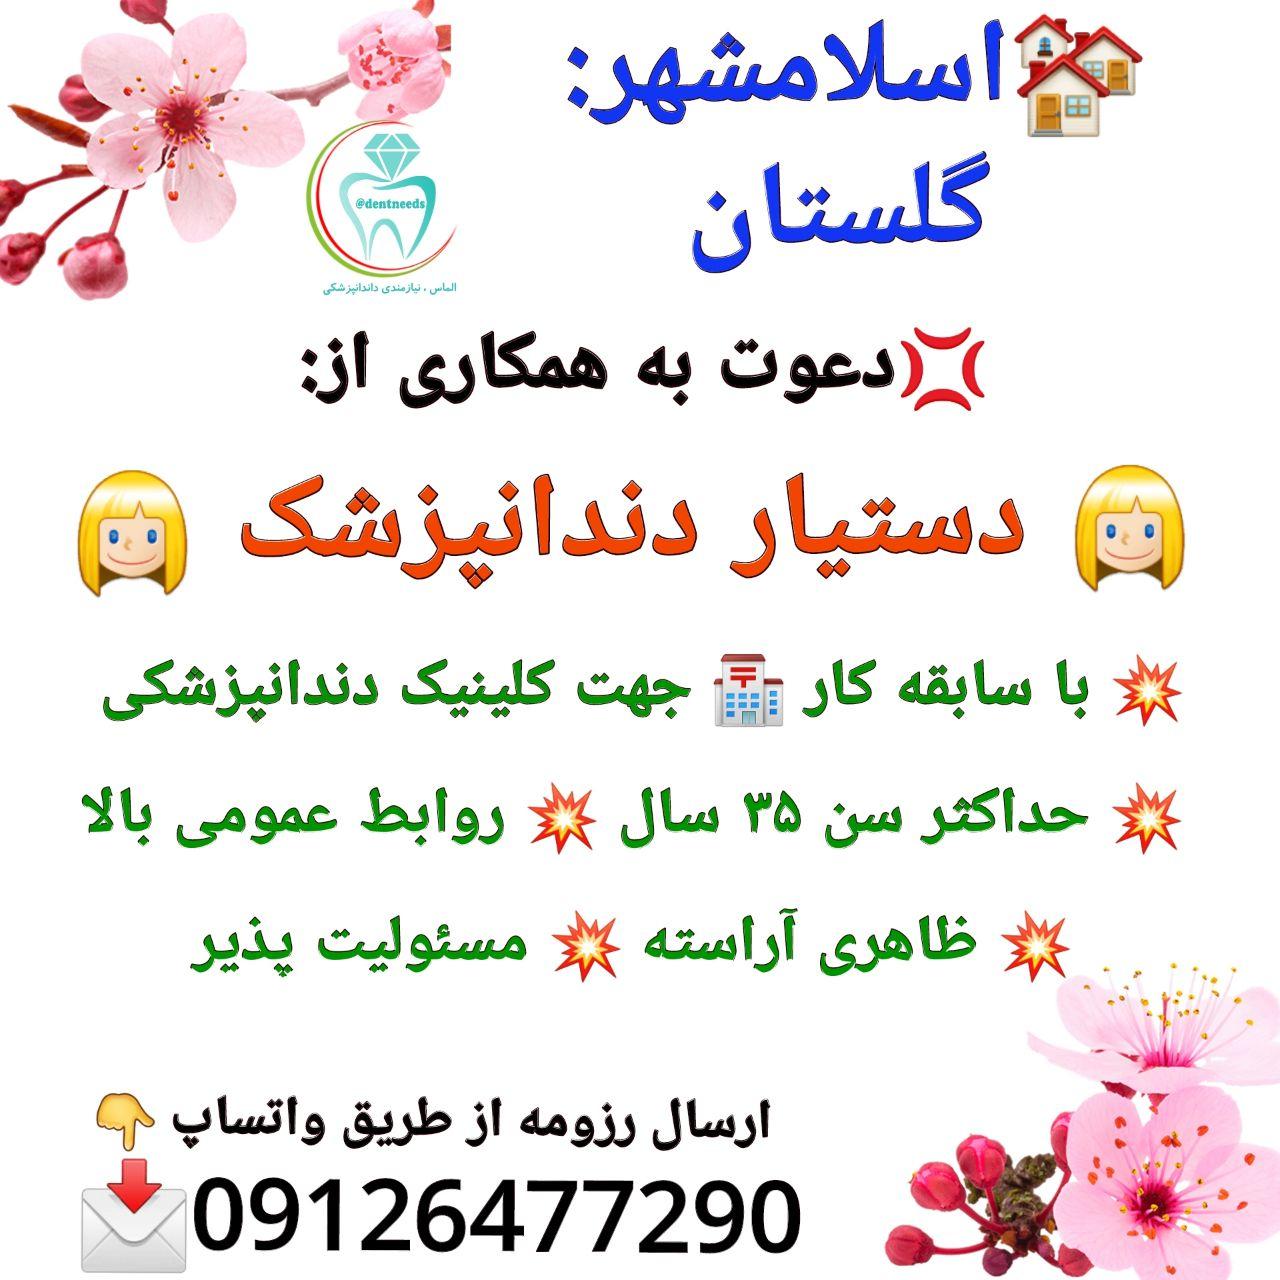 اسلامشهر: گلستان، دعوت به همکاری از دستیار دندانپزشک